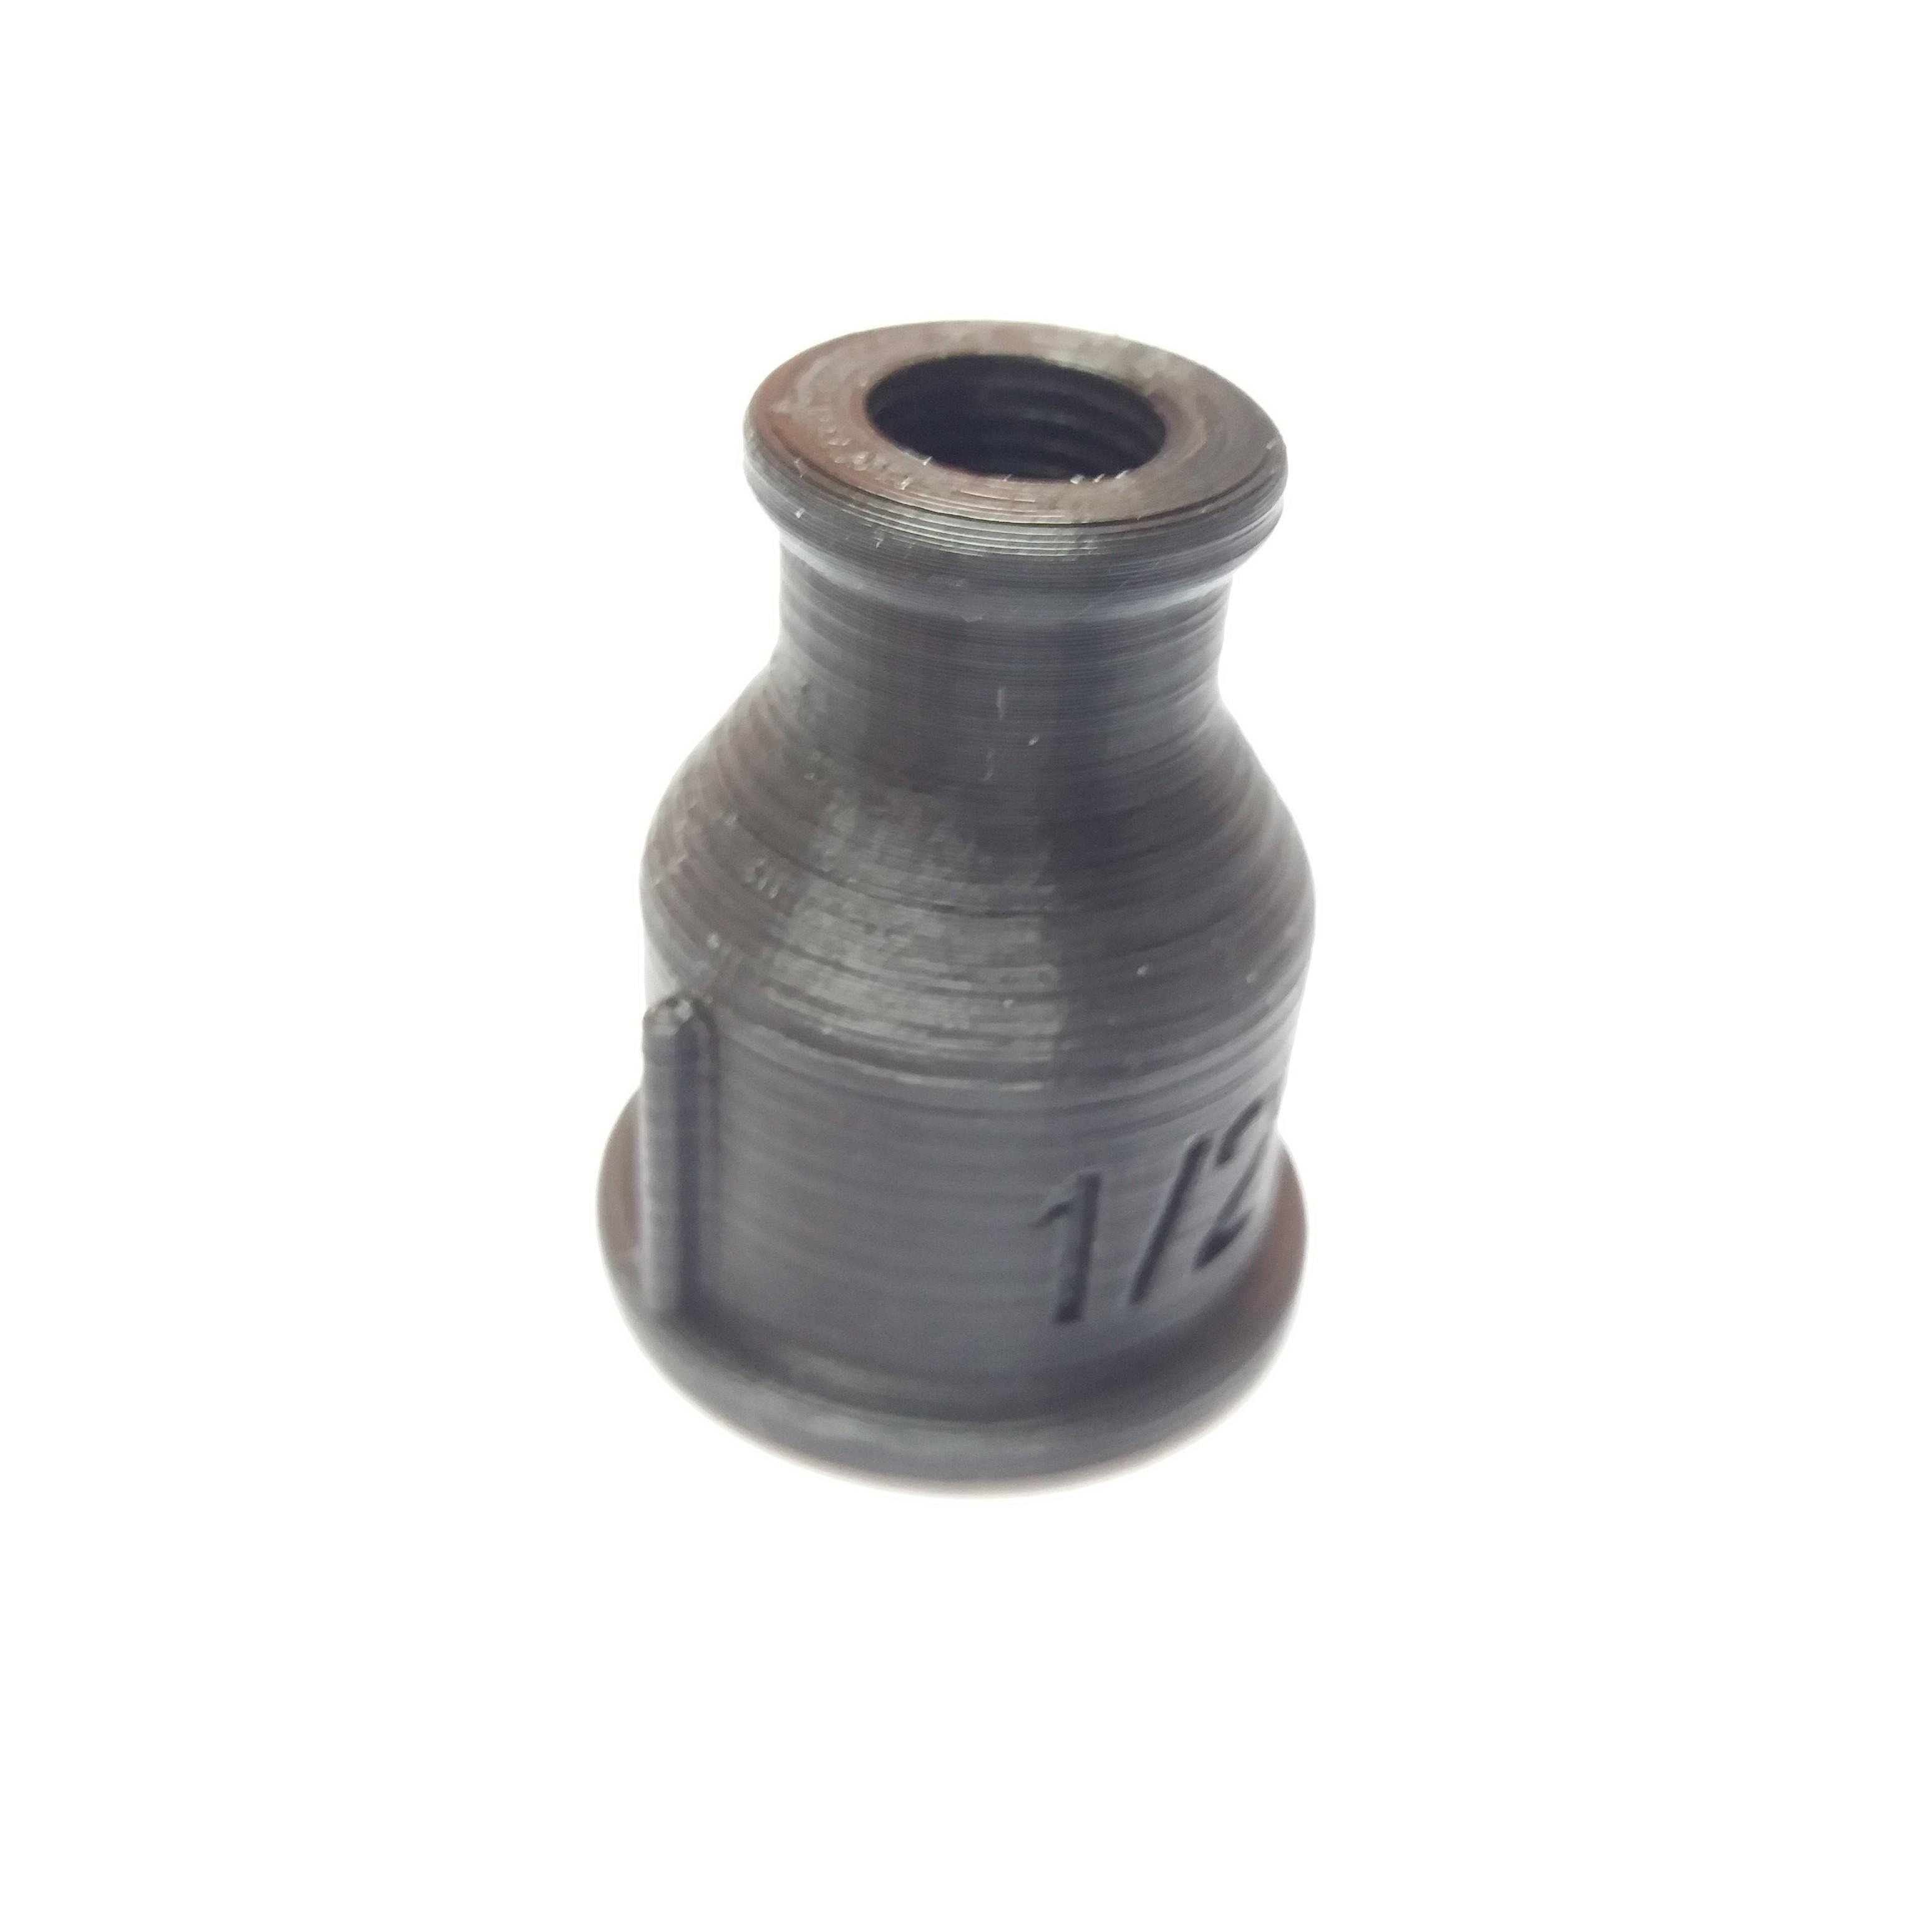 Reduction 1-2 M 10x1.jpg Download free STL file Wall lamp, Lamp, fittings, Decoration. • 3D print template, gerbat